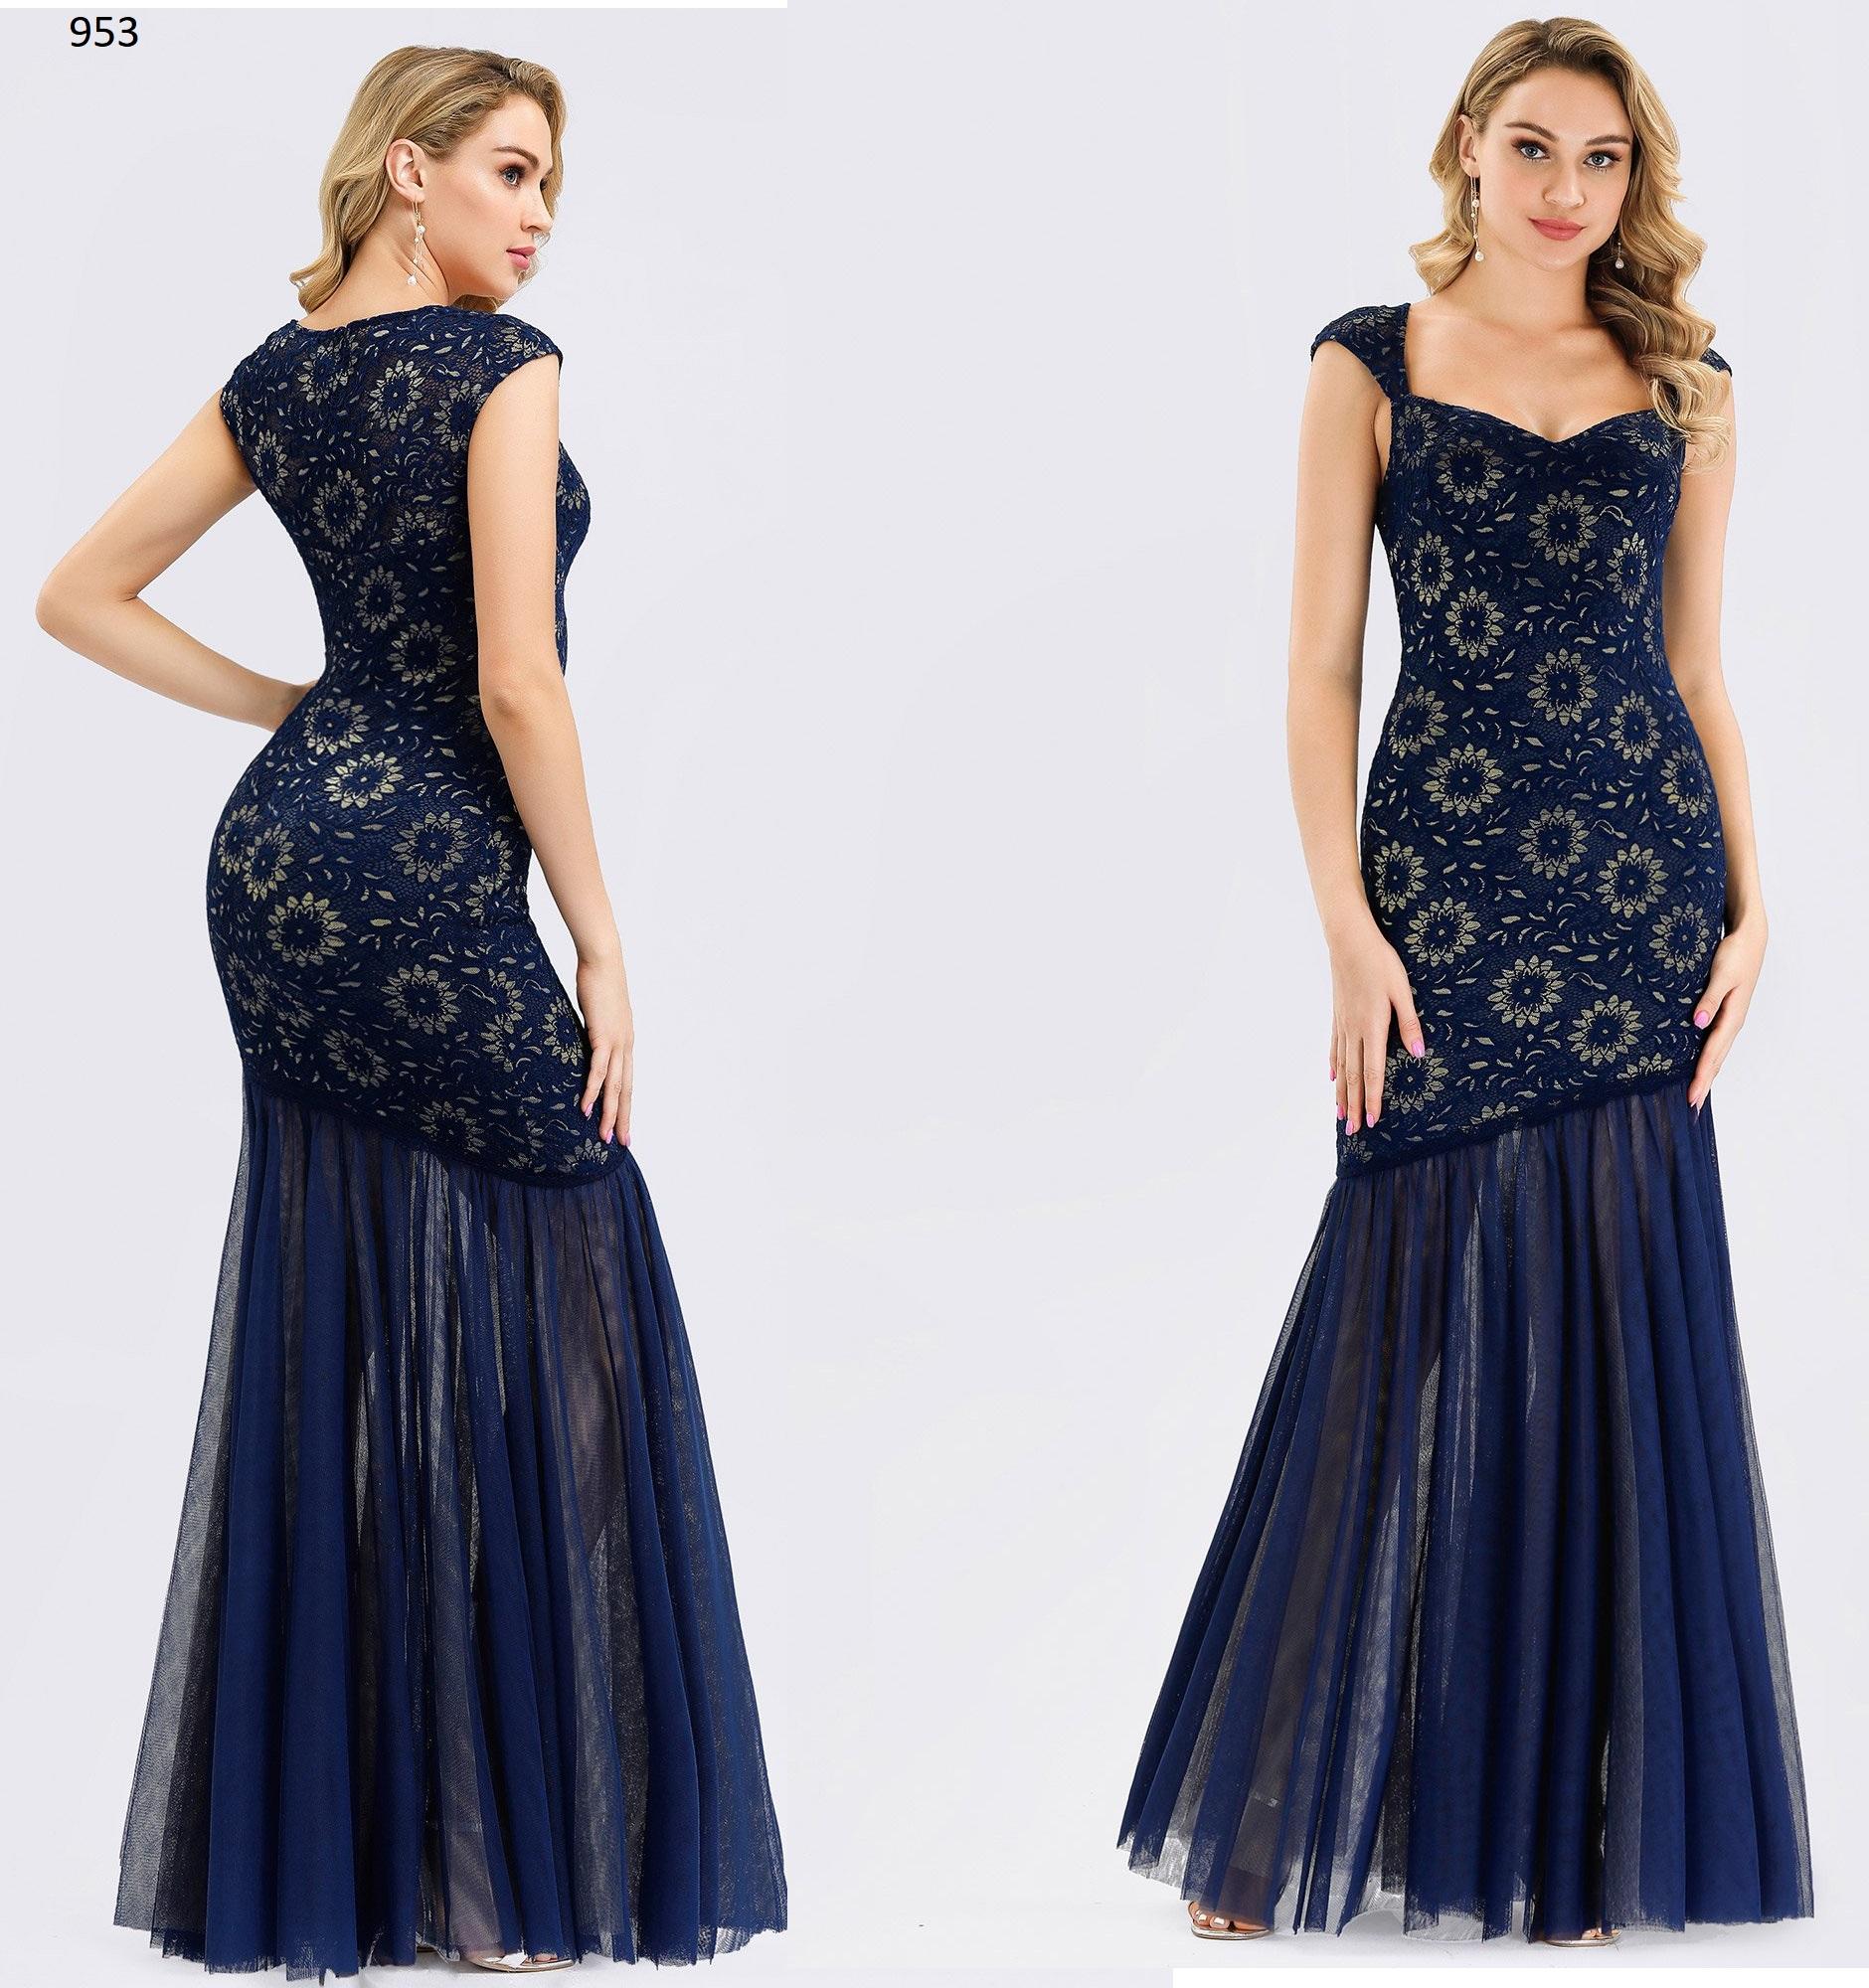 Vestido Largo 953 talla 44